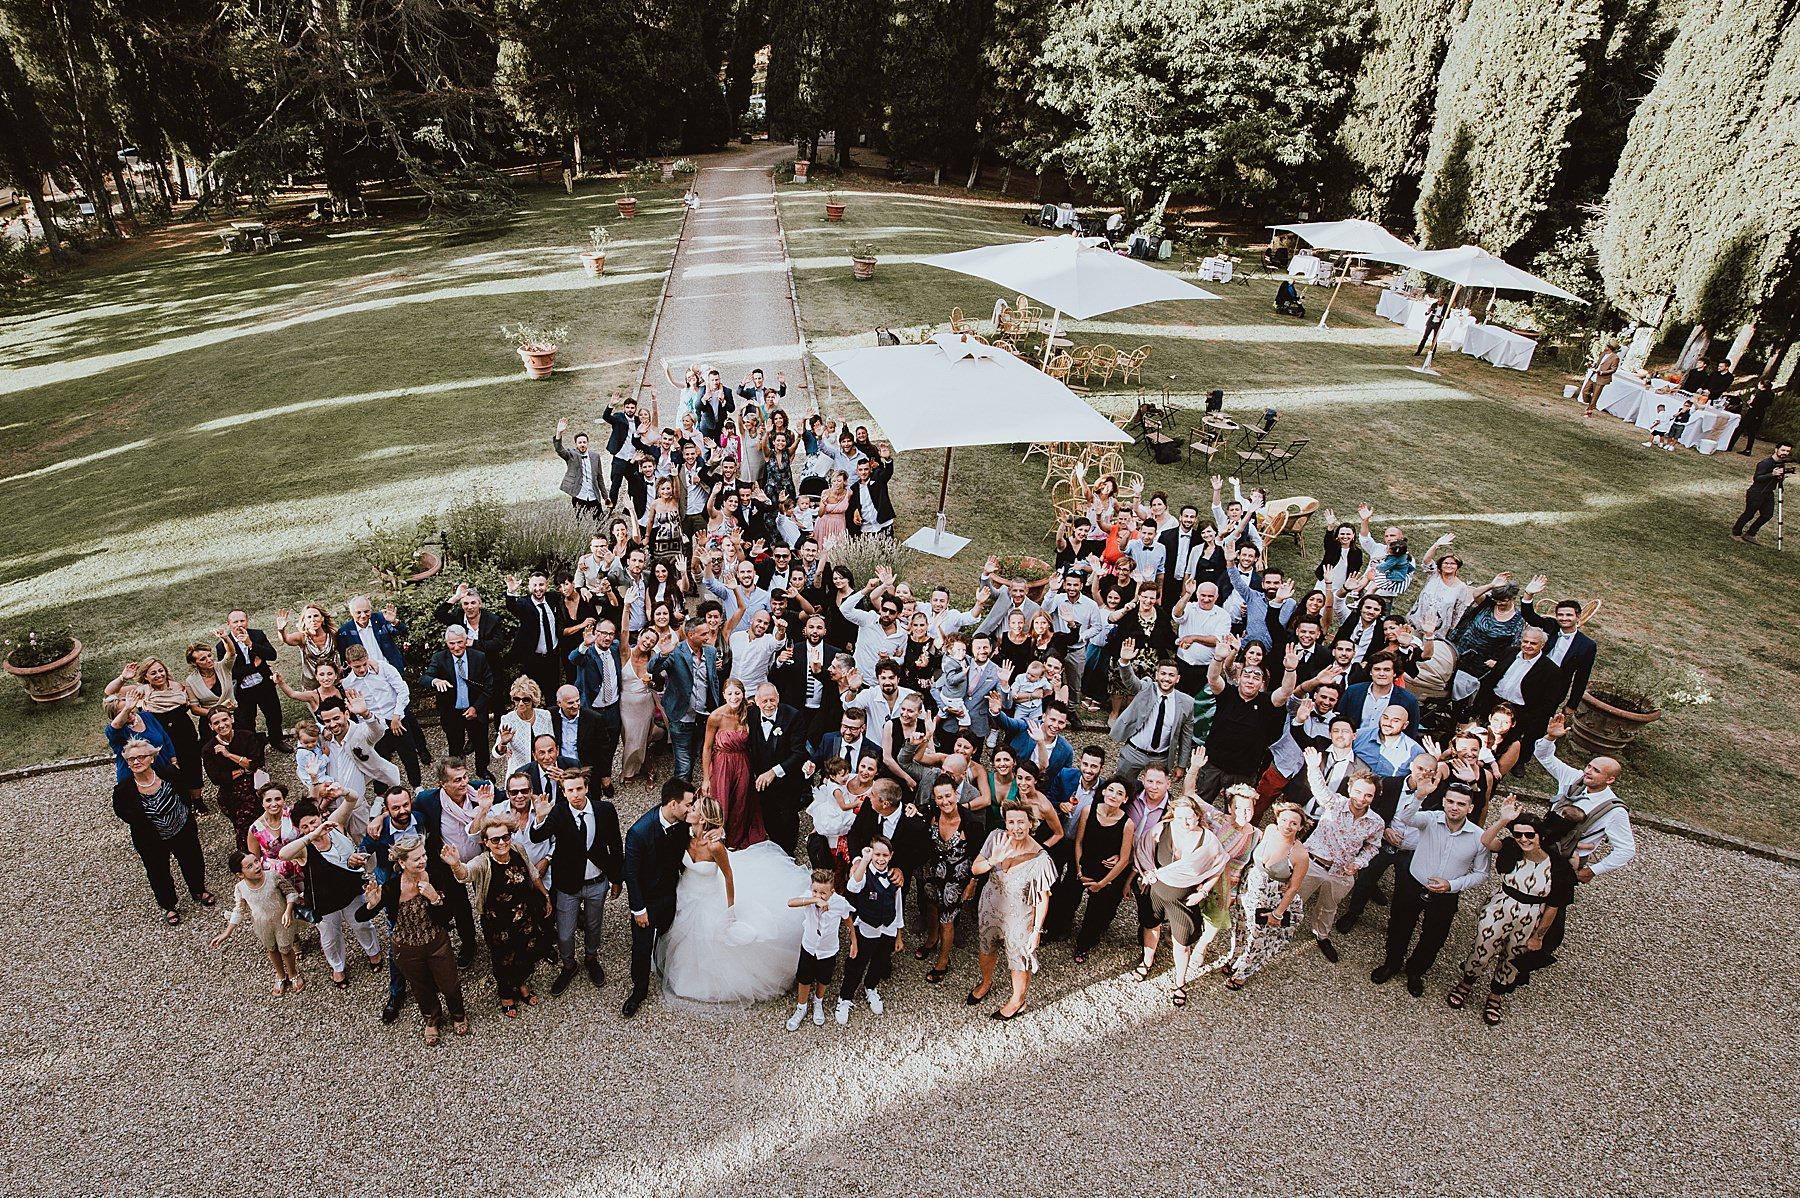 Foto di gruppo dall'alto di tutti gli invitati nel parco Villa di Bivigliano nel Mugello